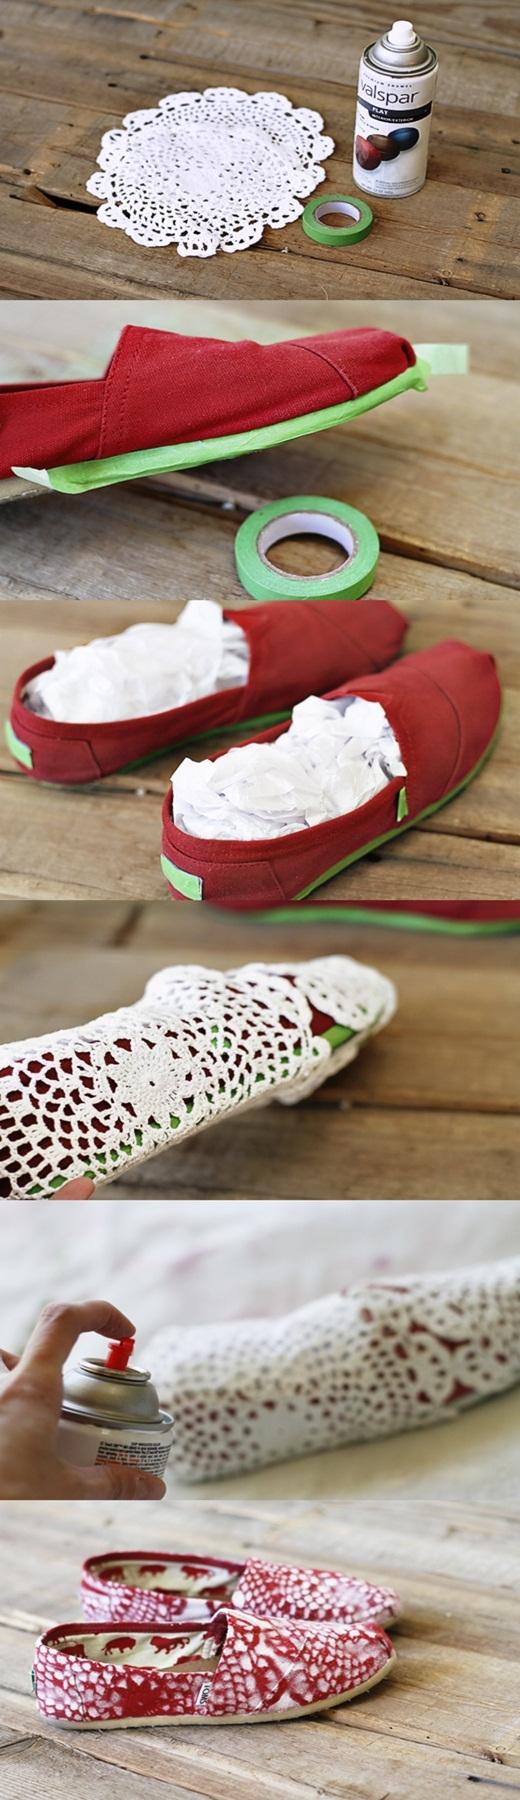 """Những bí quyết đơn giản """"lột xác cho đôi giày cũ"""